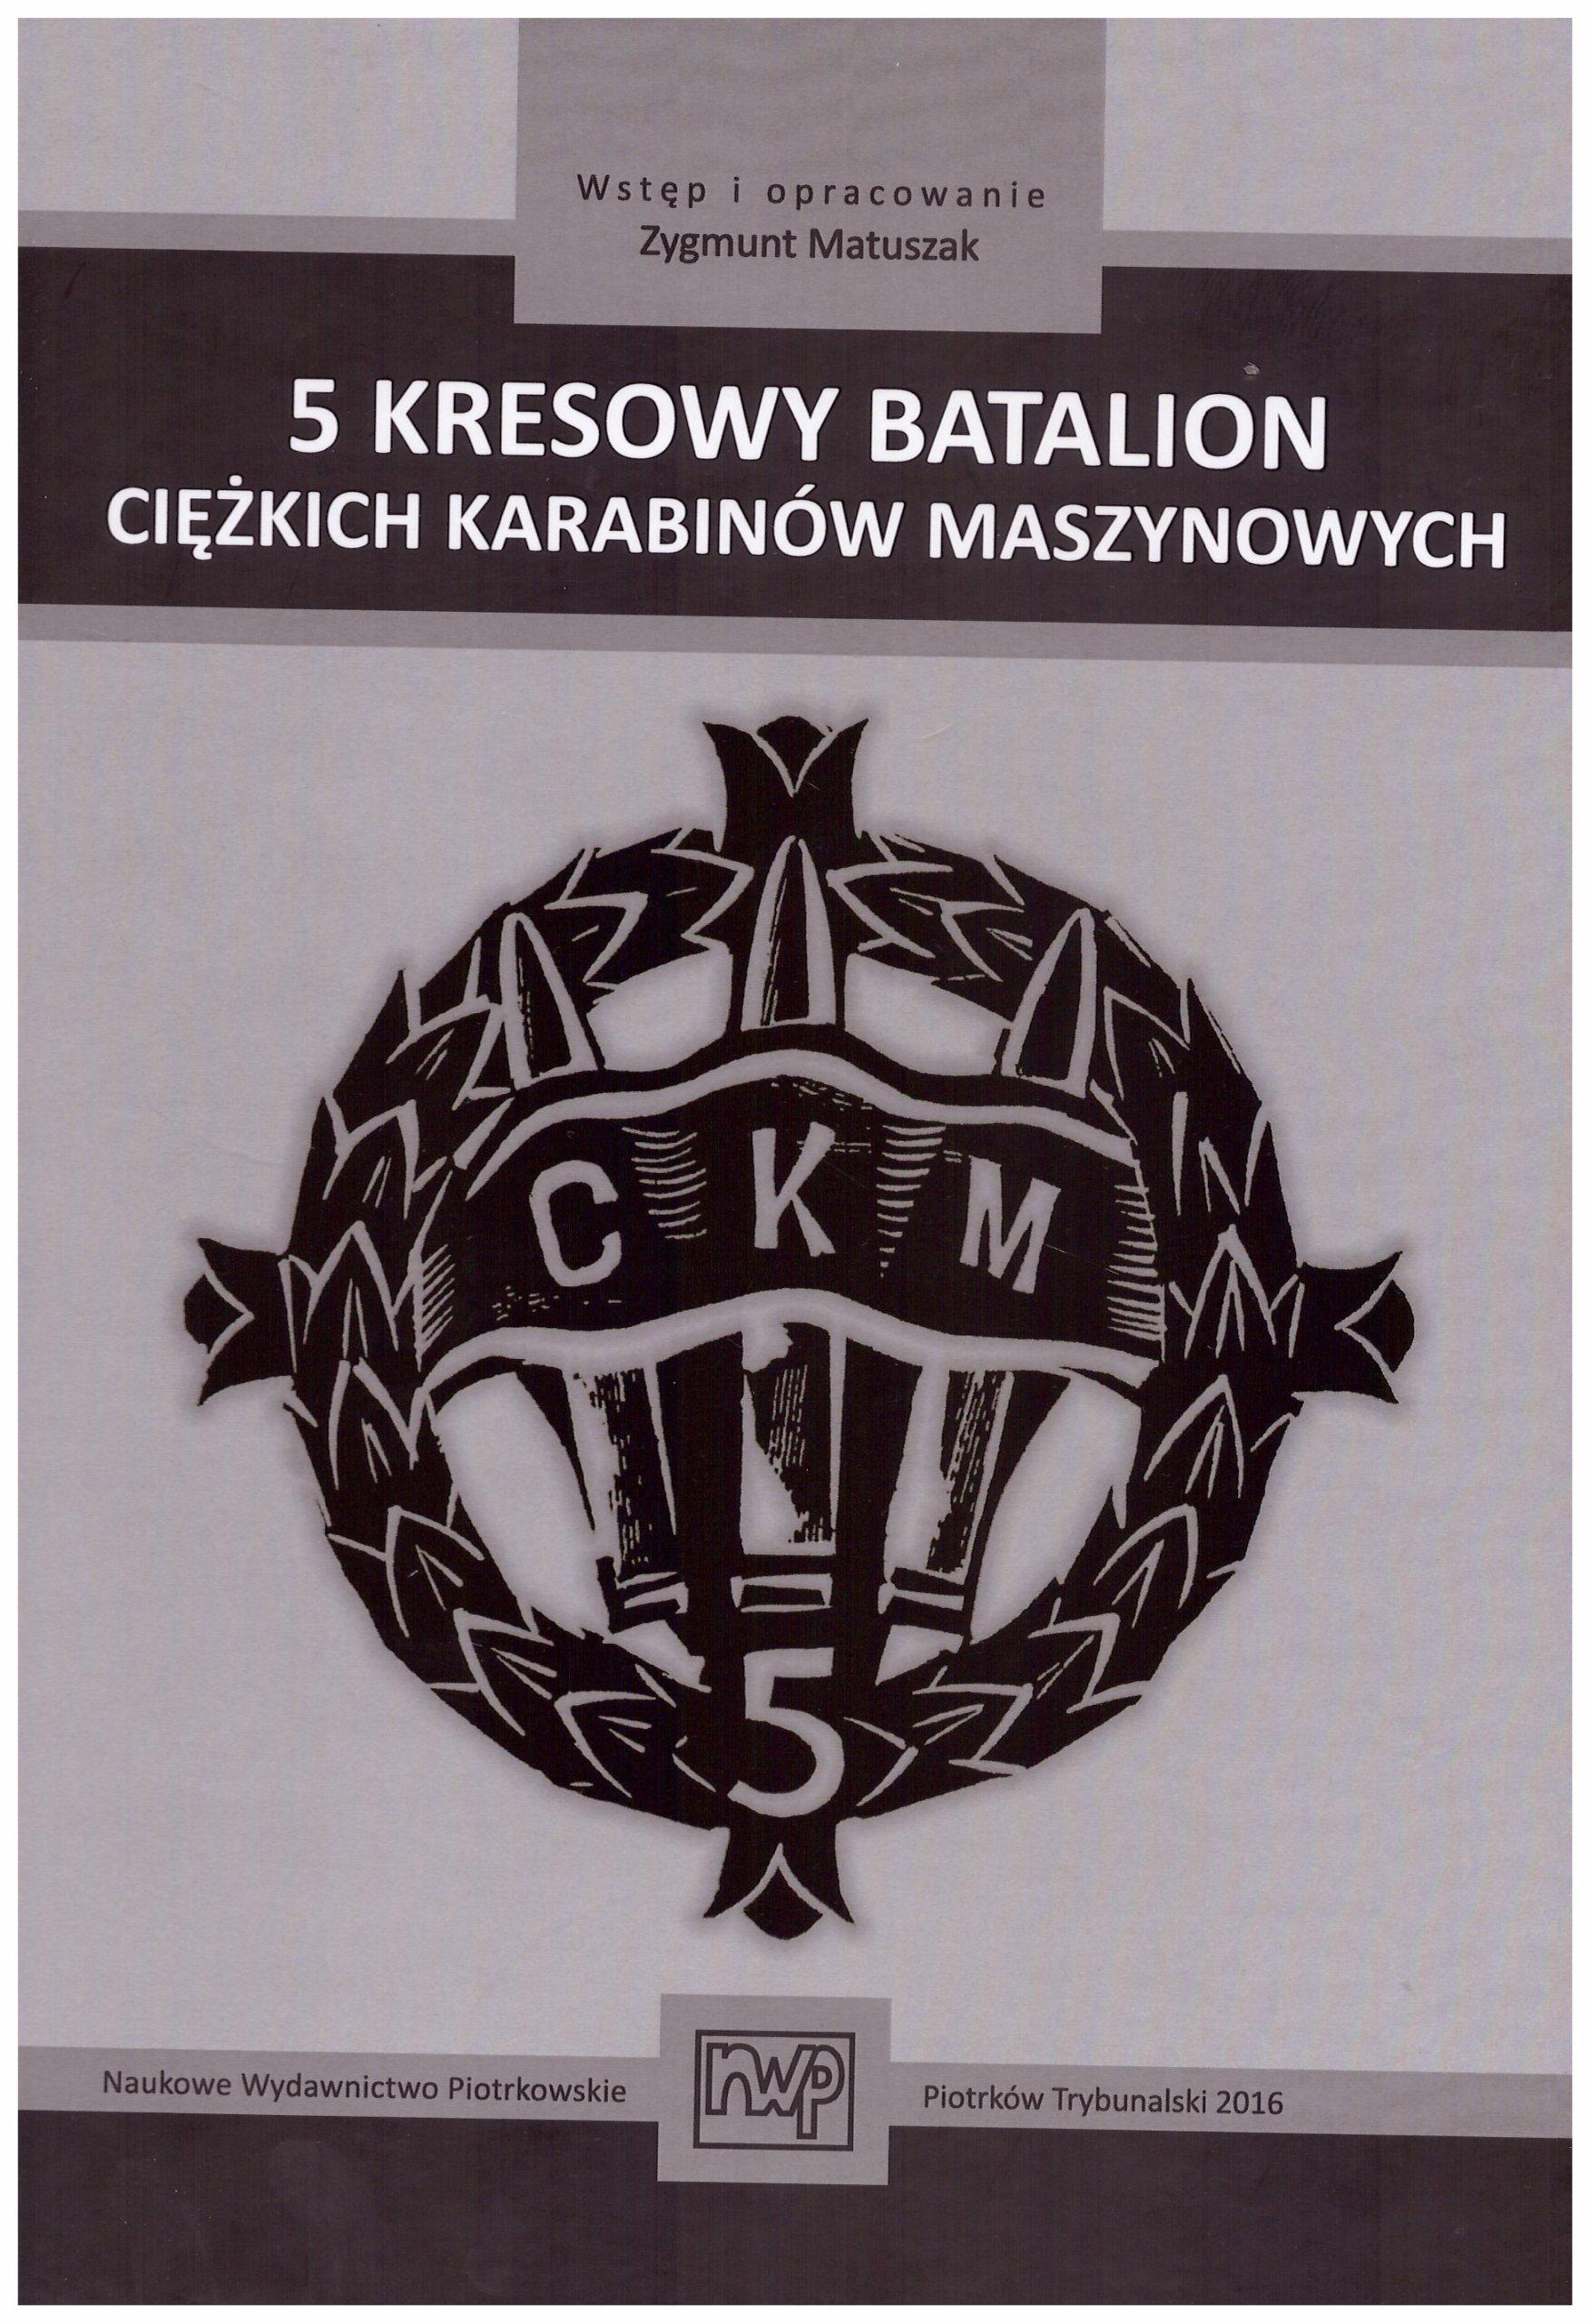 Польские вооруженные силы в Западном 2-м корпусе, 5-й Kresowy батальон CKM